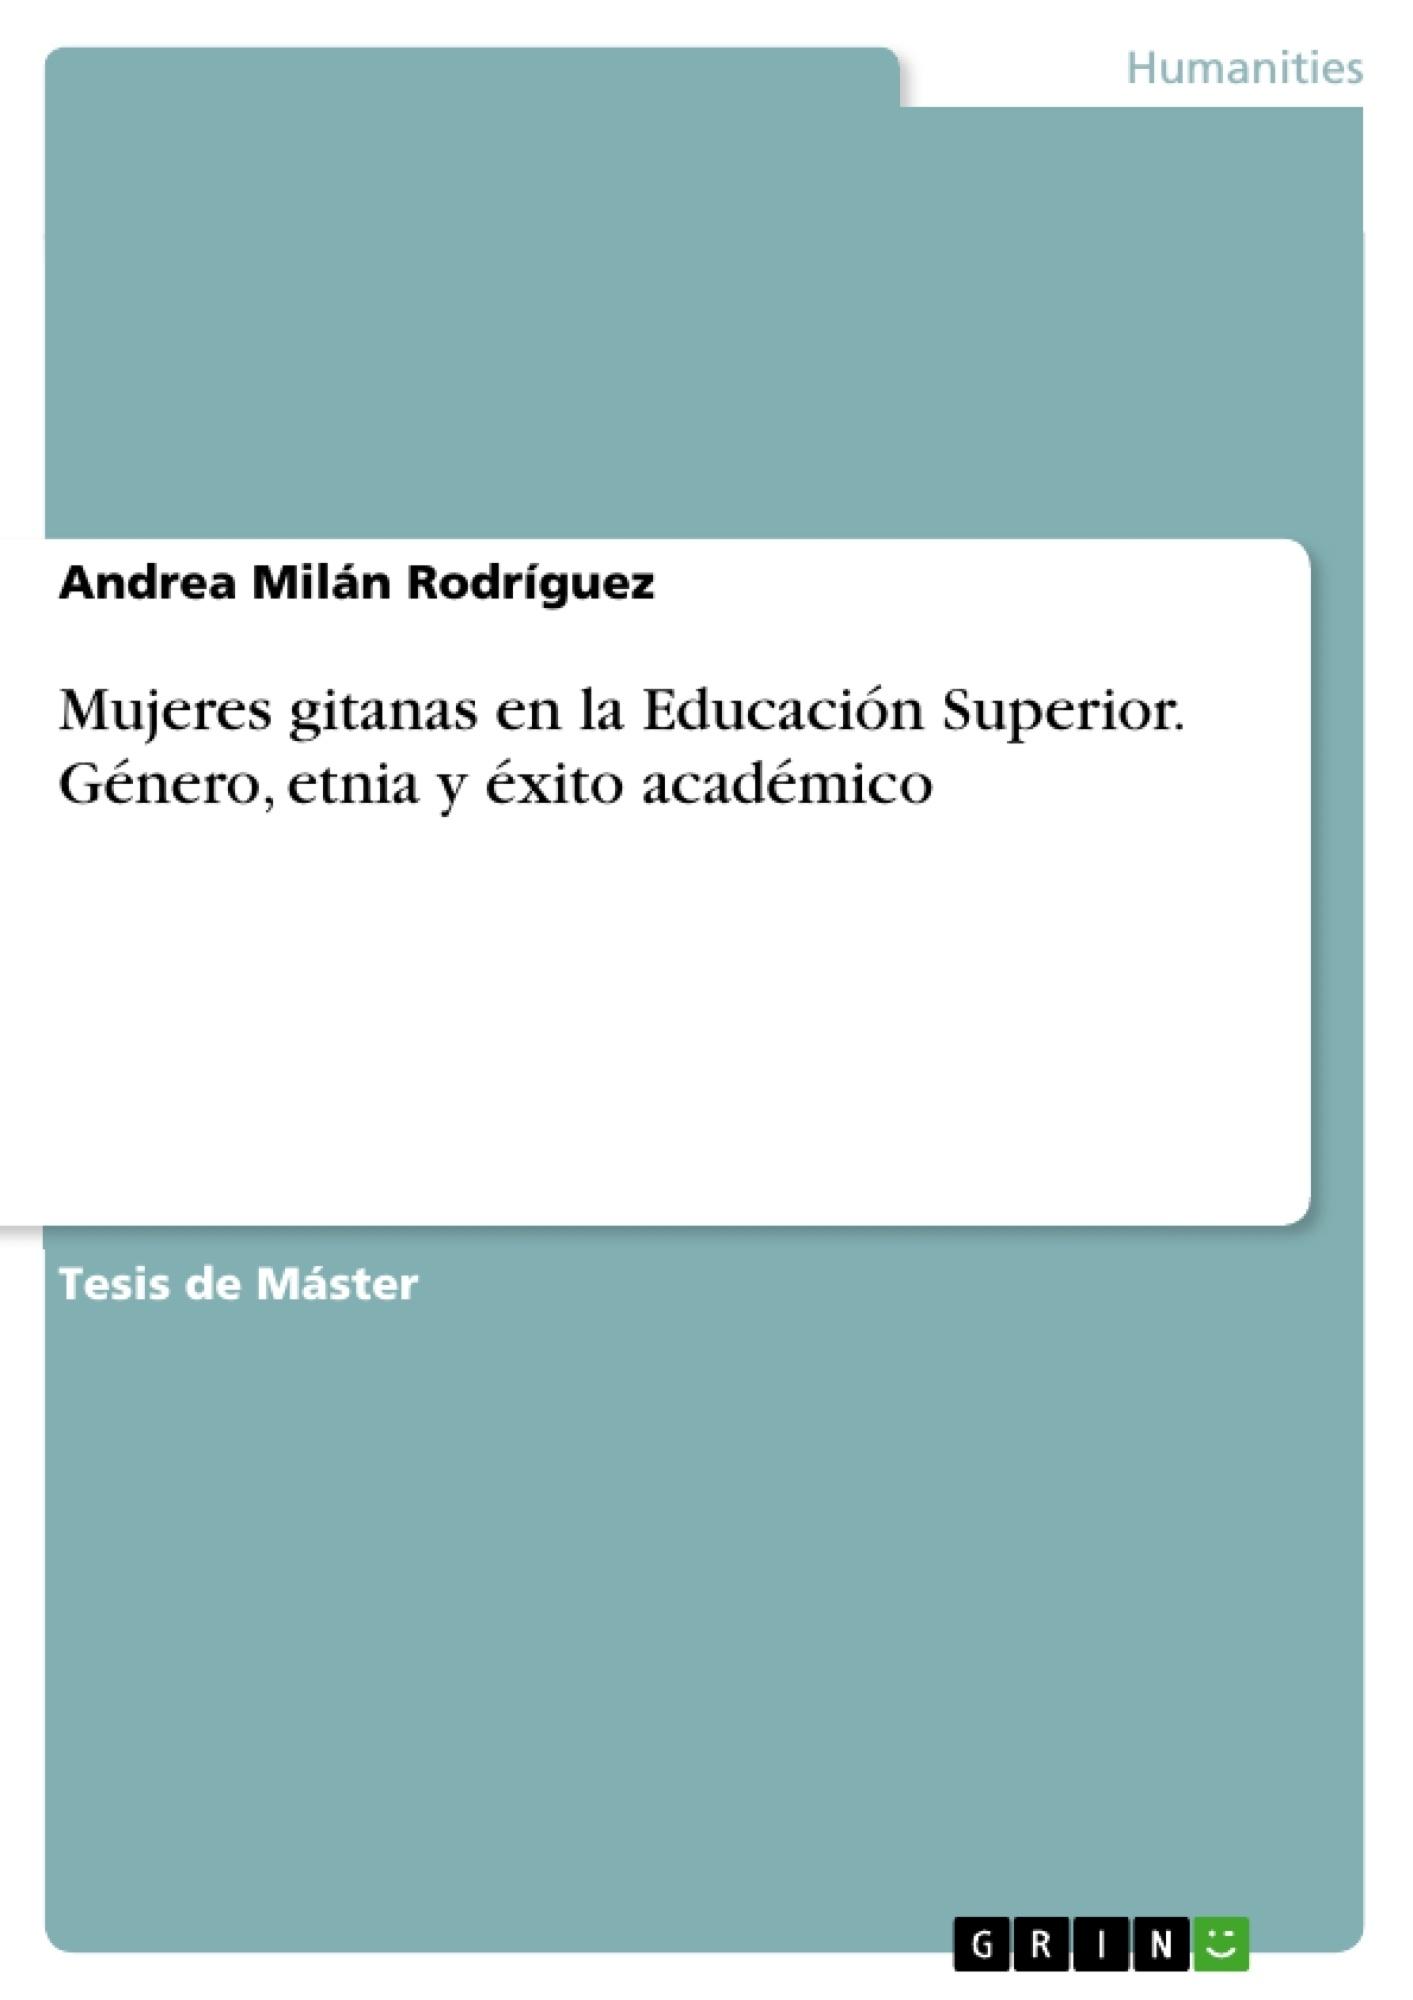 Título: Mujeres gitanas en la Educación Superior. Género, etnia y éxito académico